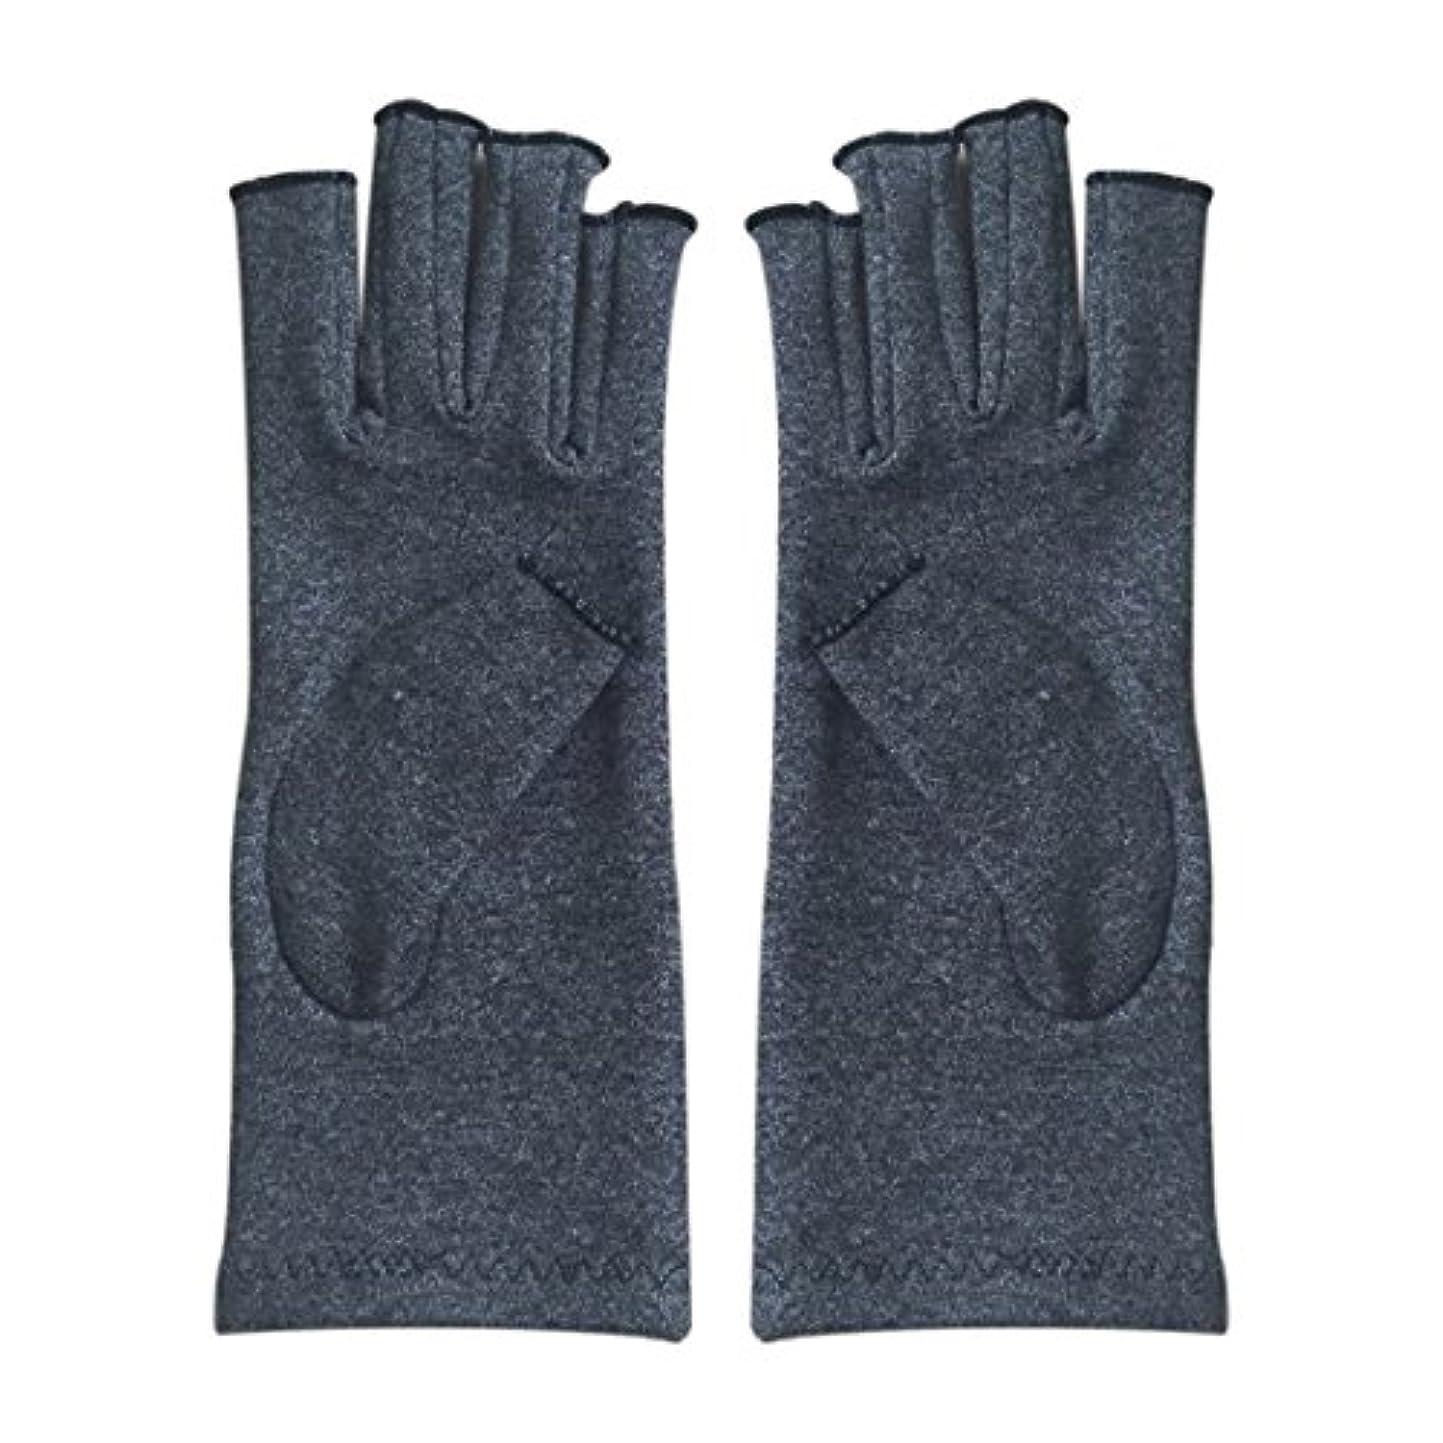 セール類人猿プットACAMPTAR 1ペア成人男性女性用弾性コットンコンプレッション手袋手関節炎関節痛鎮痛軽減M - 灰色、M